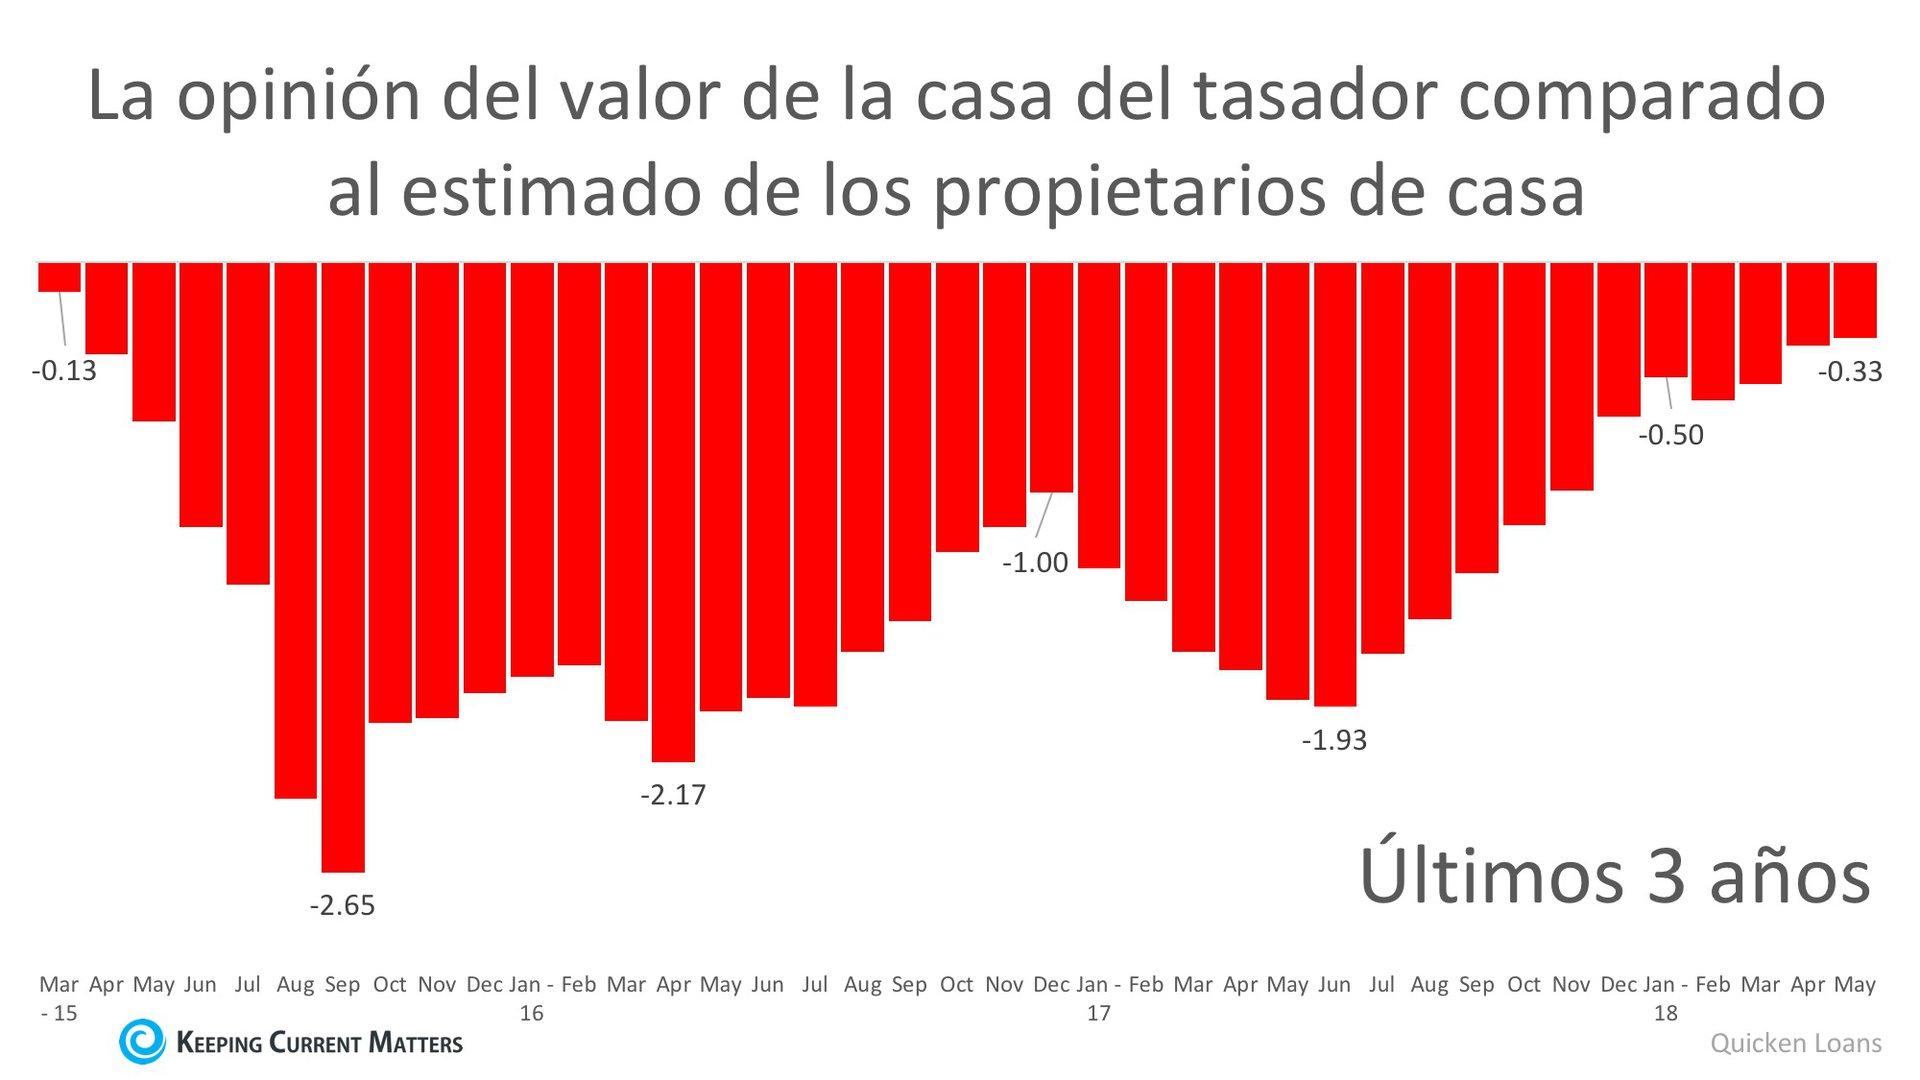 Los propietarios & los tasadores coinciden en el valor después de 3 años | Keeping Current Matters